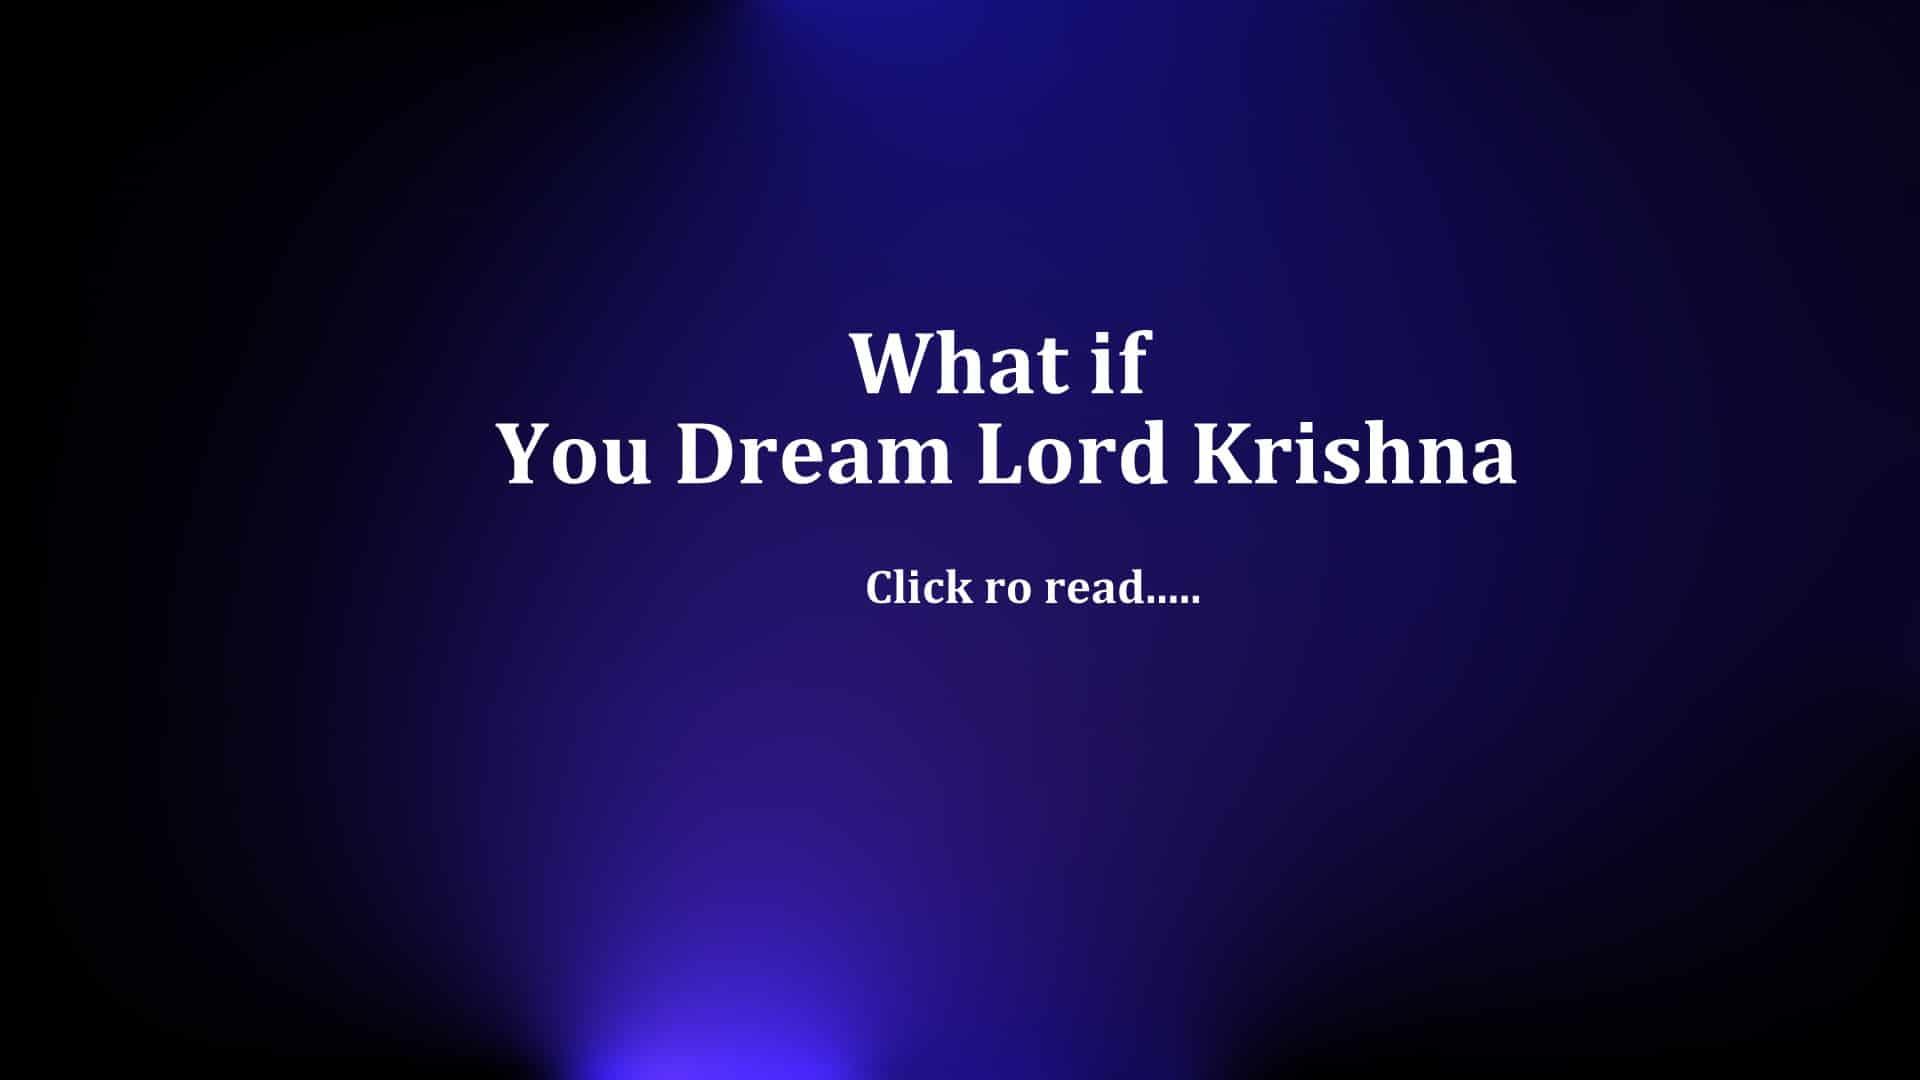 Dream Lord Krishna